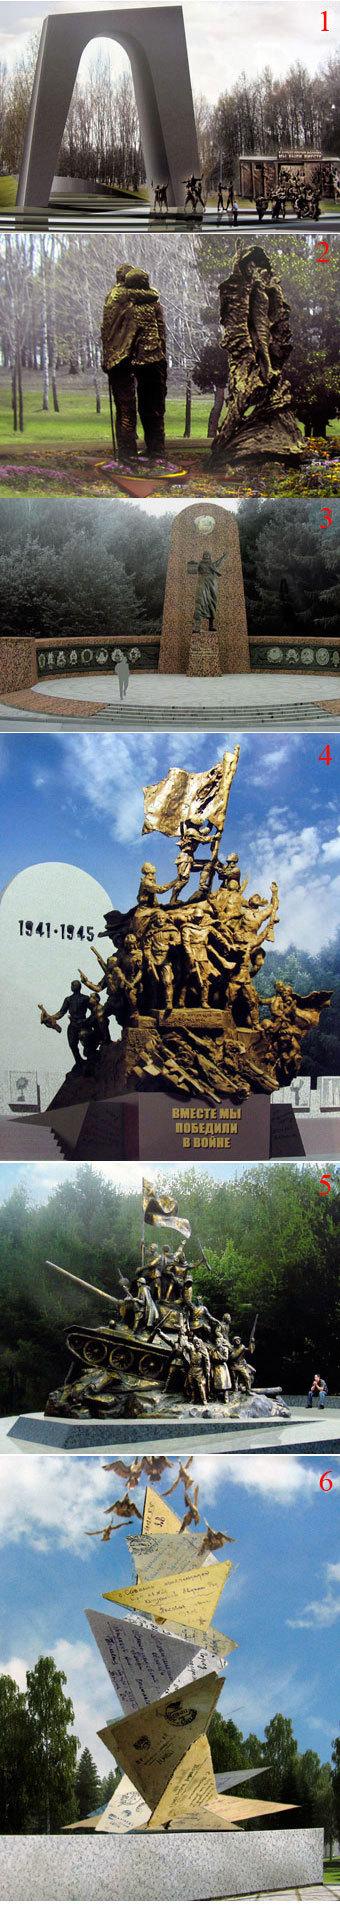 Скульпторы предложили варианты монумента на Поклонной горе